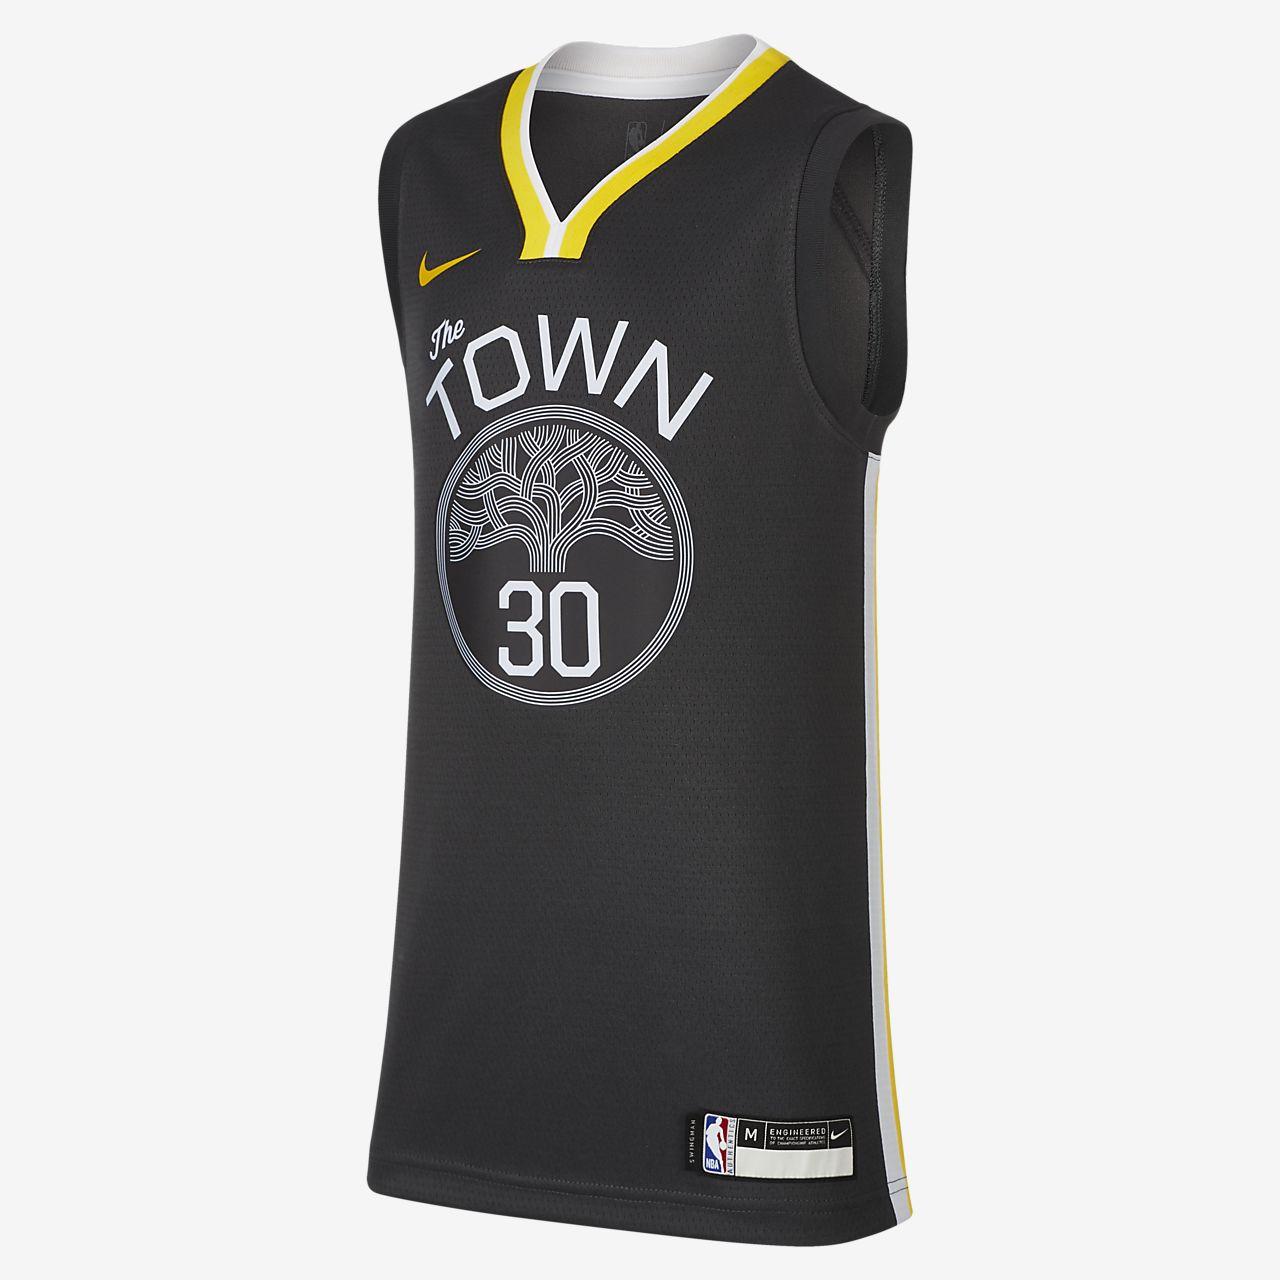 金州勇士队 Statement Edition Swingman Nike NBA Jersey大童 (男孩)球衣